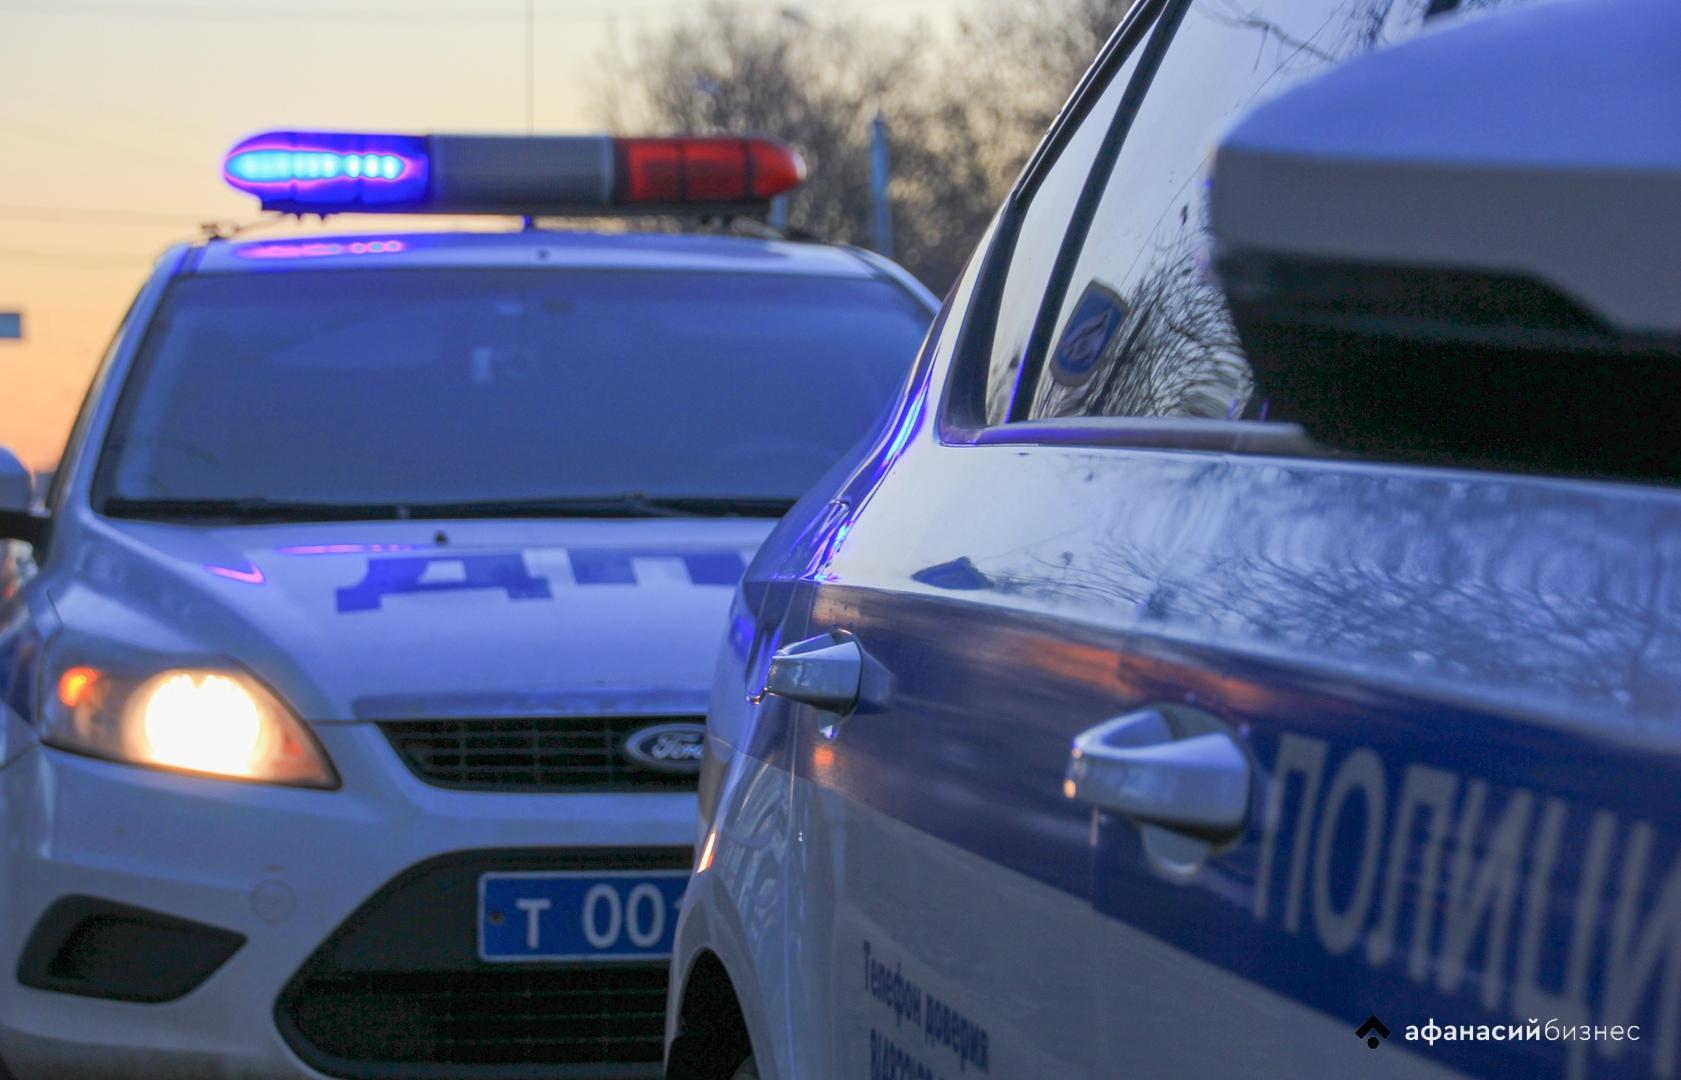 Два человека пострадали в ДТП в Тверской области - новости Афанасий